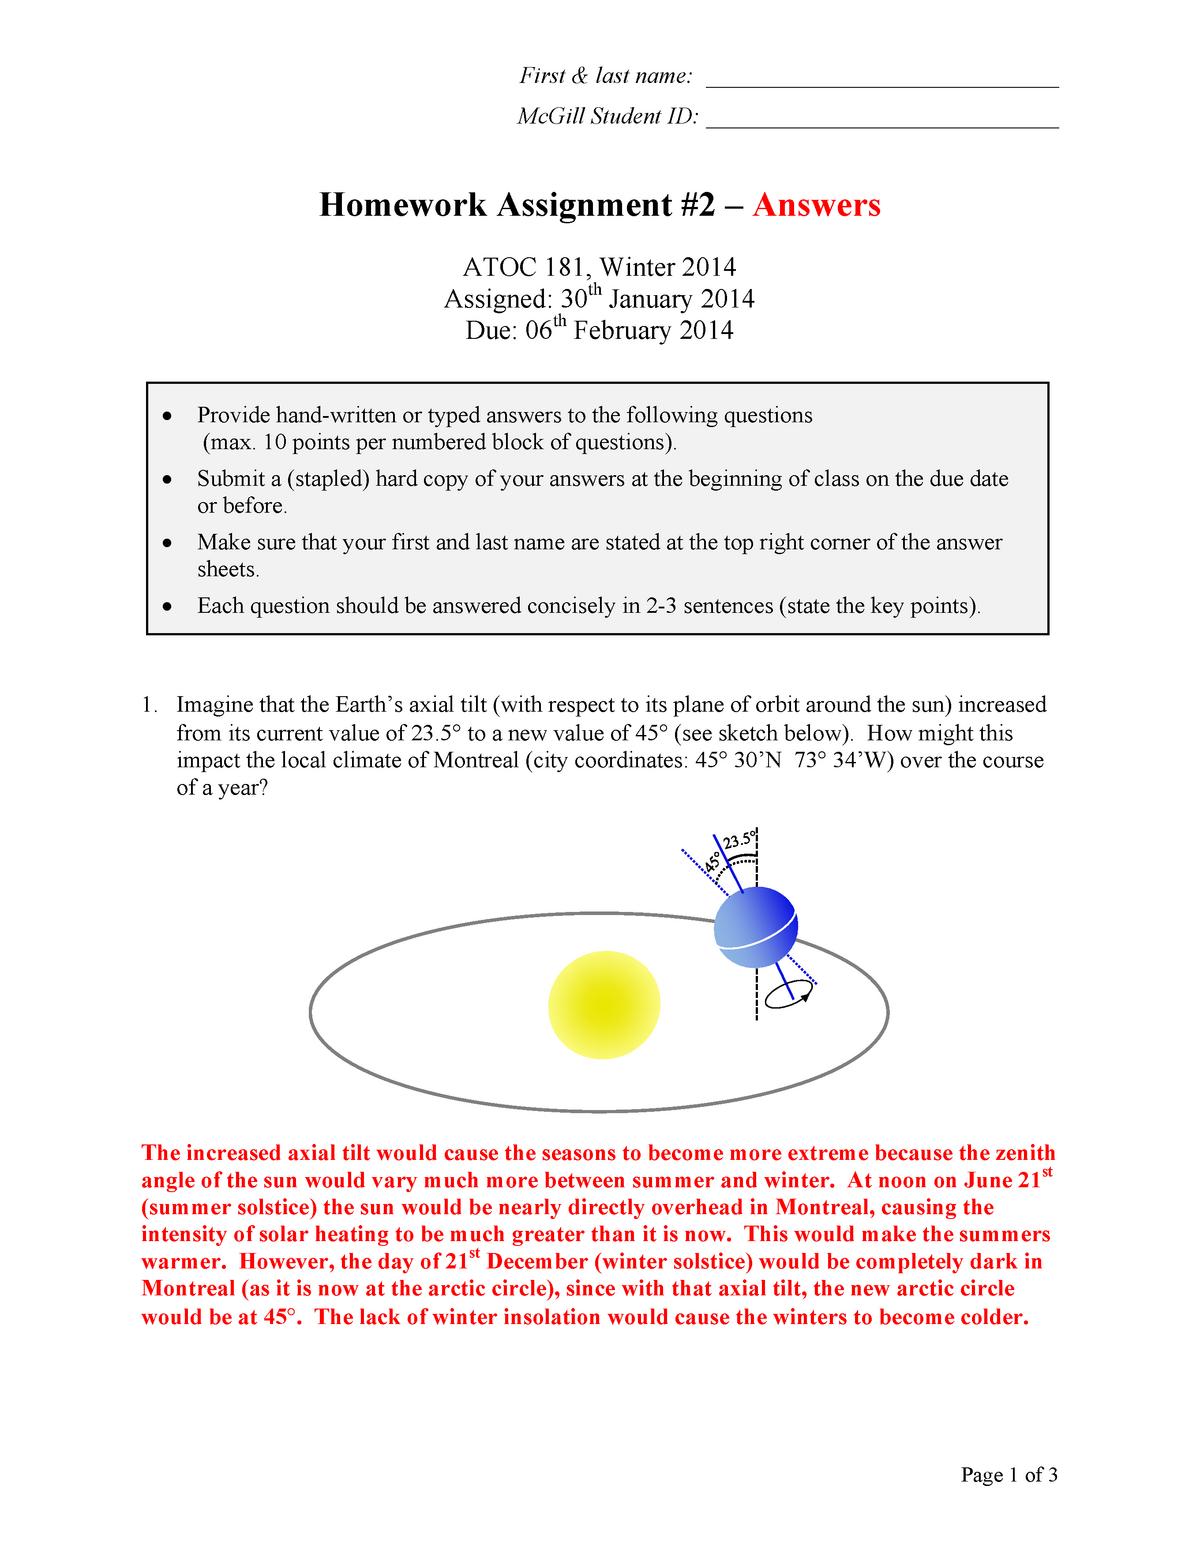 Homework Assignment 2 answers web - ATOC 181 - McGill - StuDocu